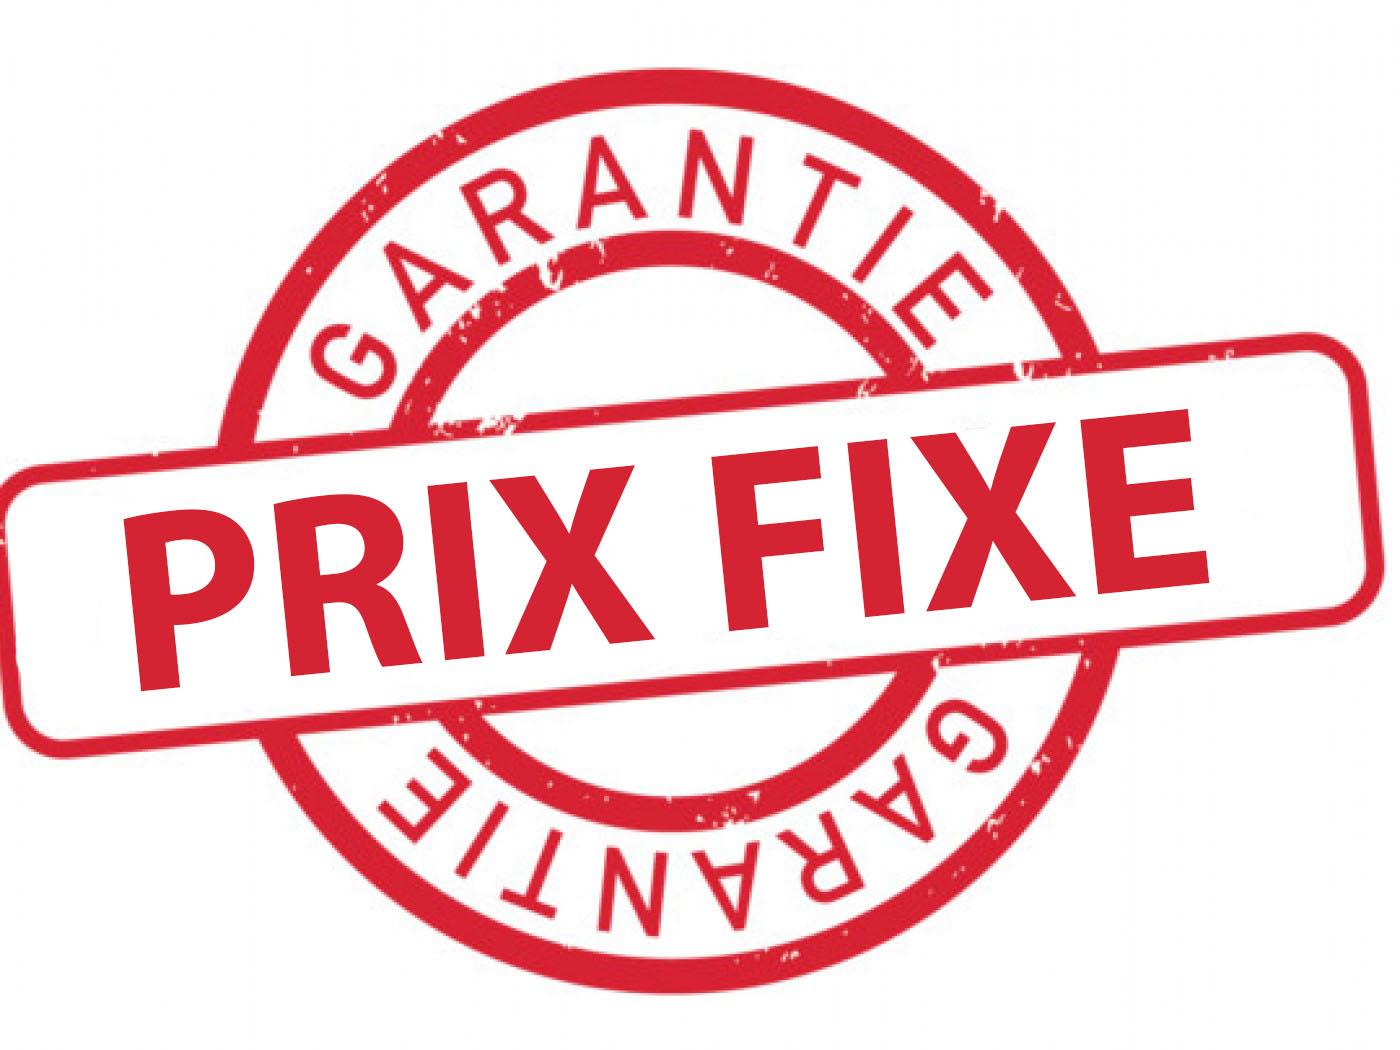 PRIX FIXE